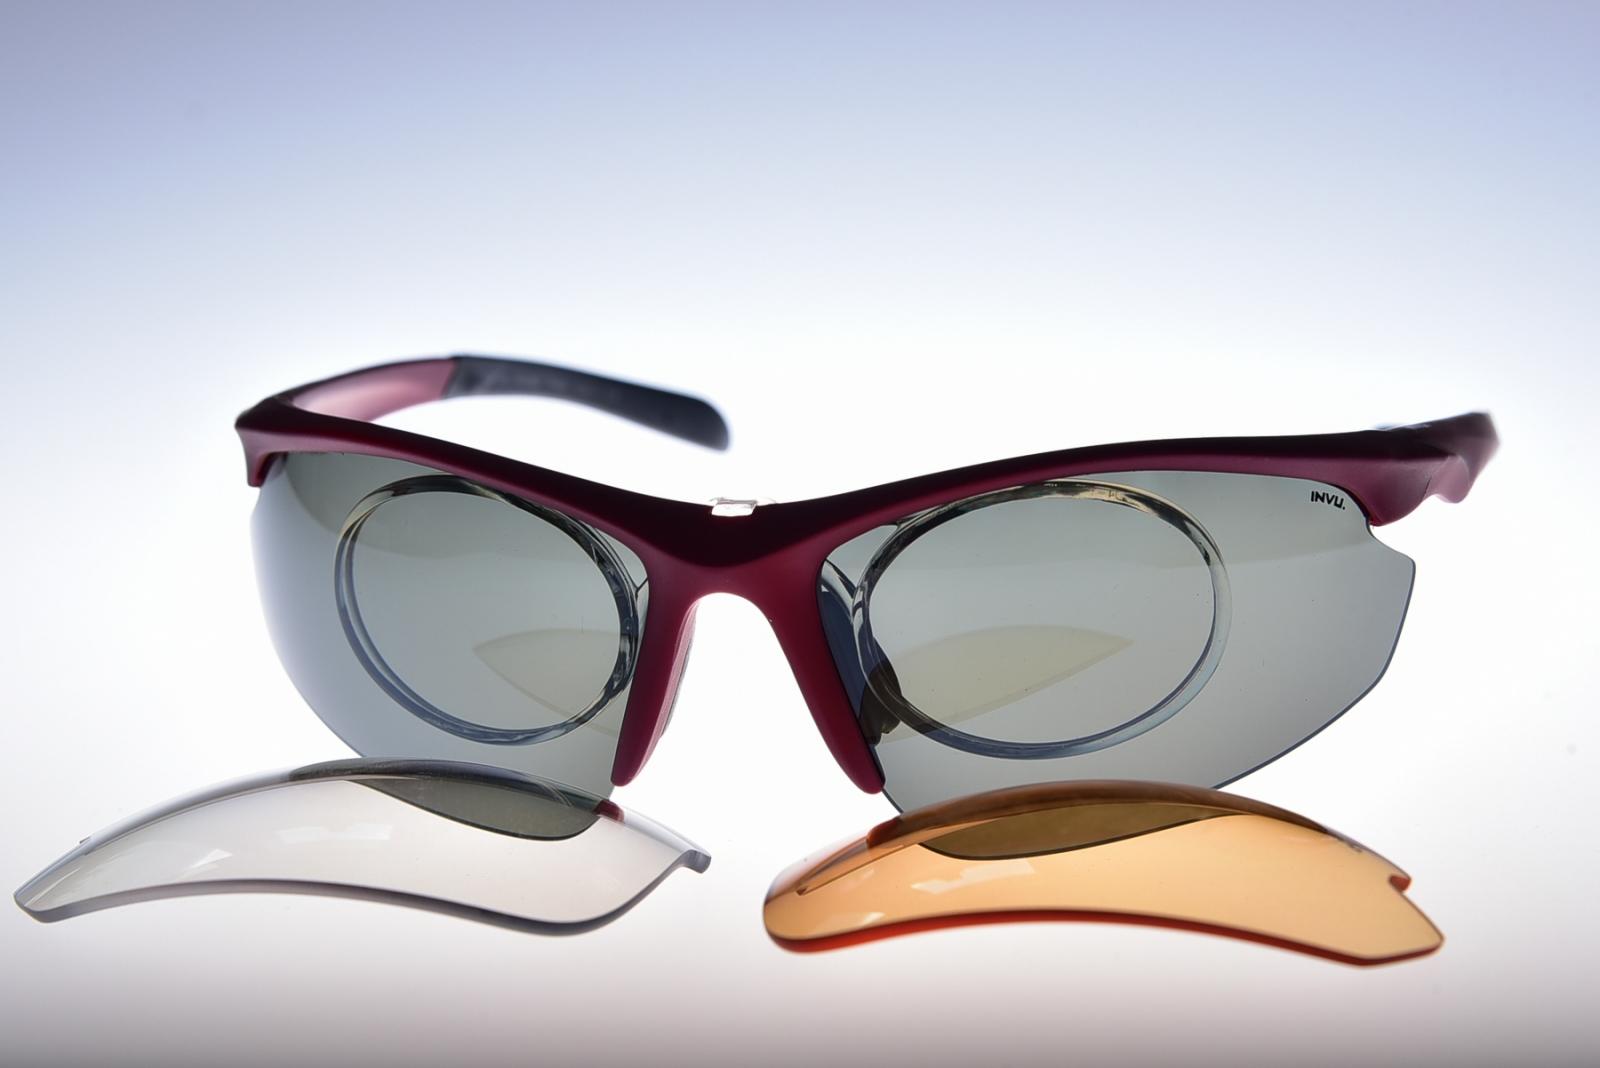 INVU. Active A2508D - Pánske slnečné okuliare